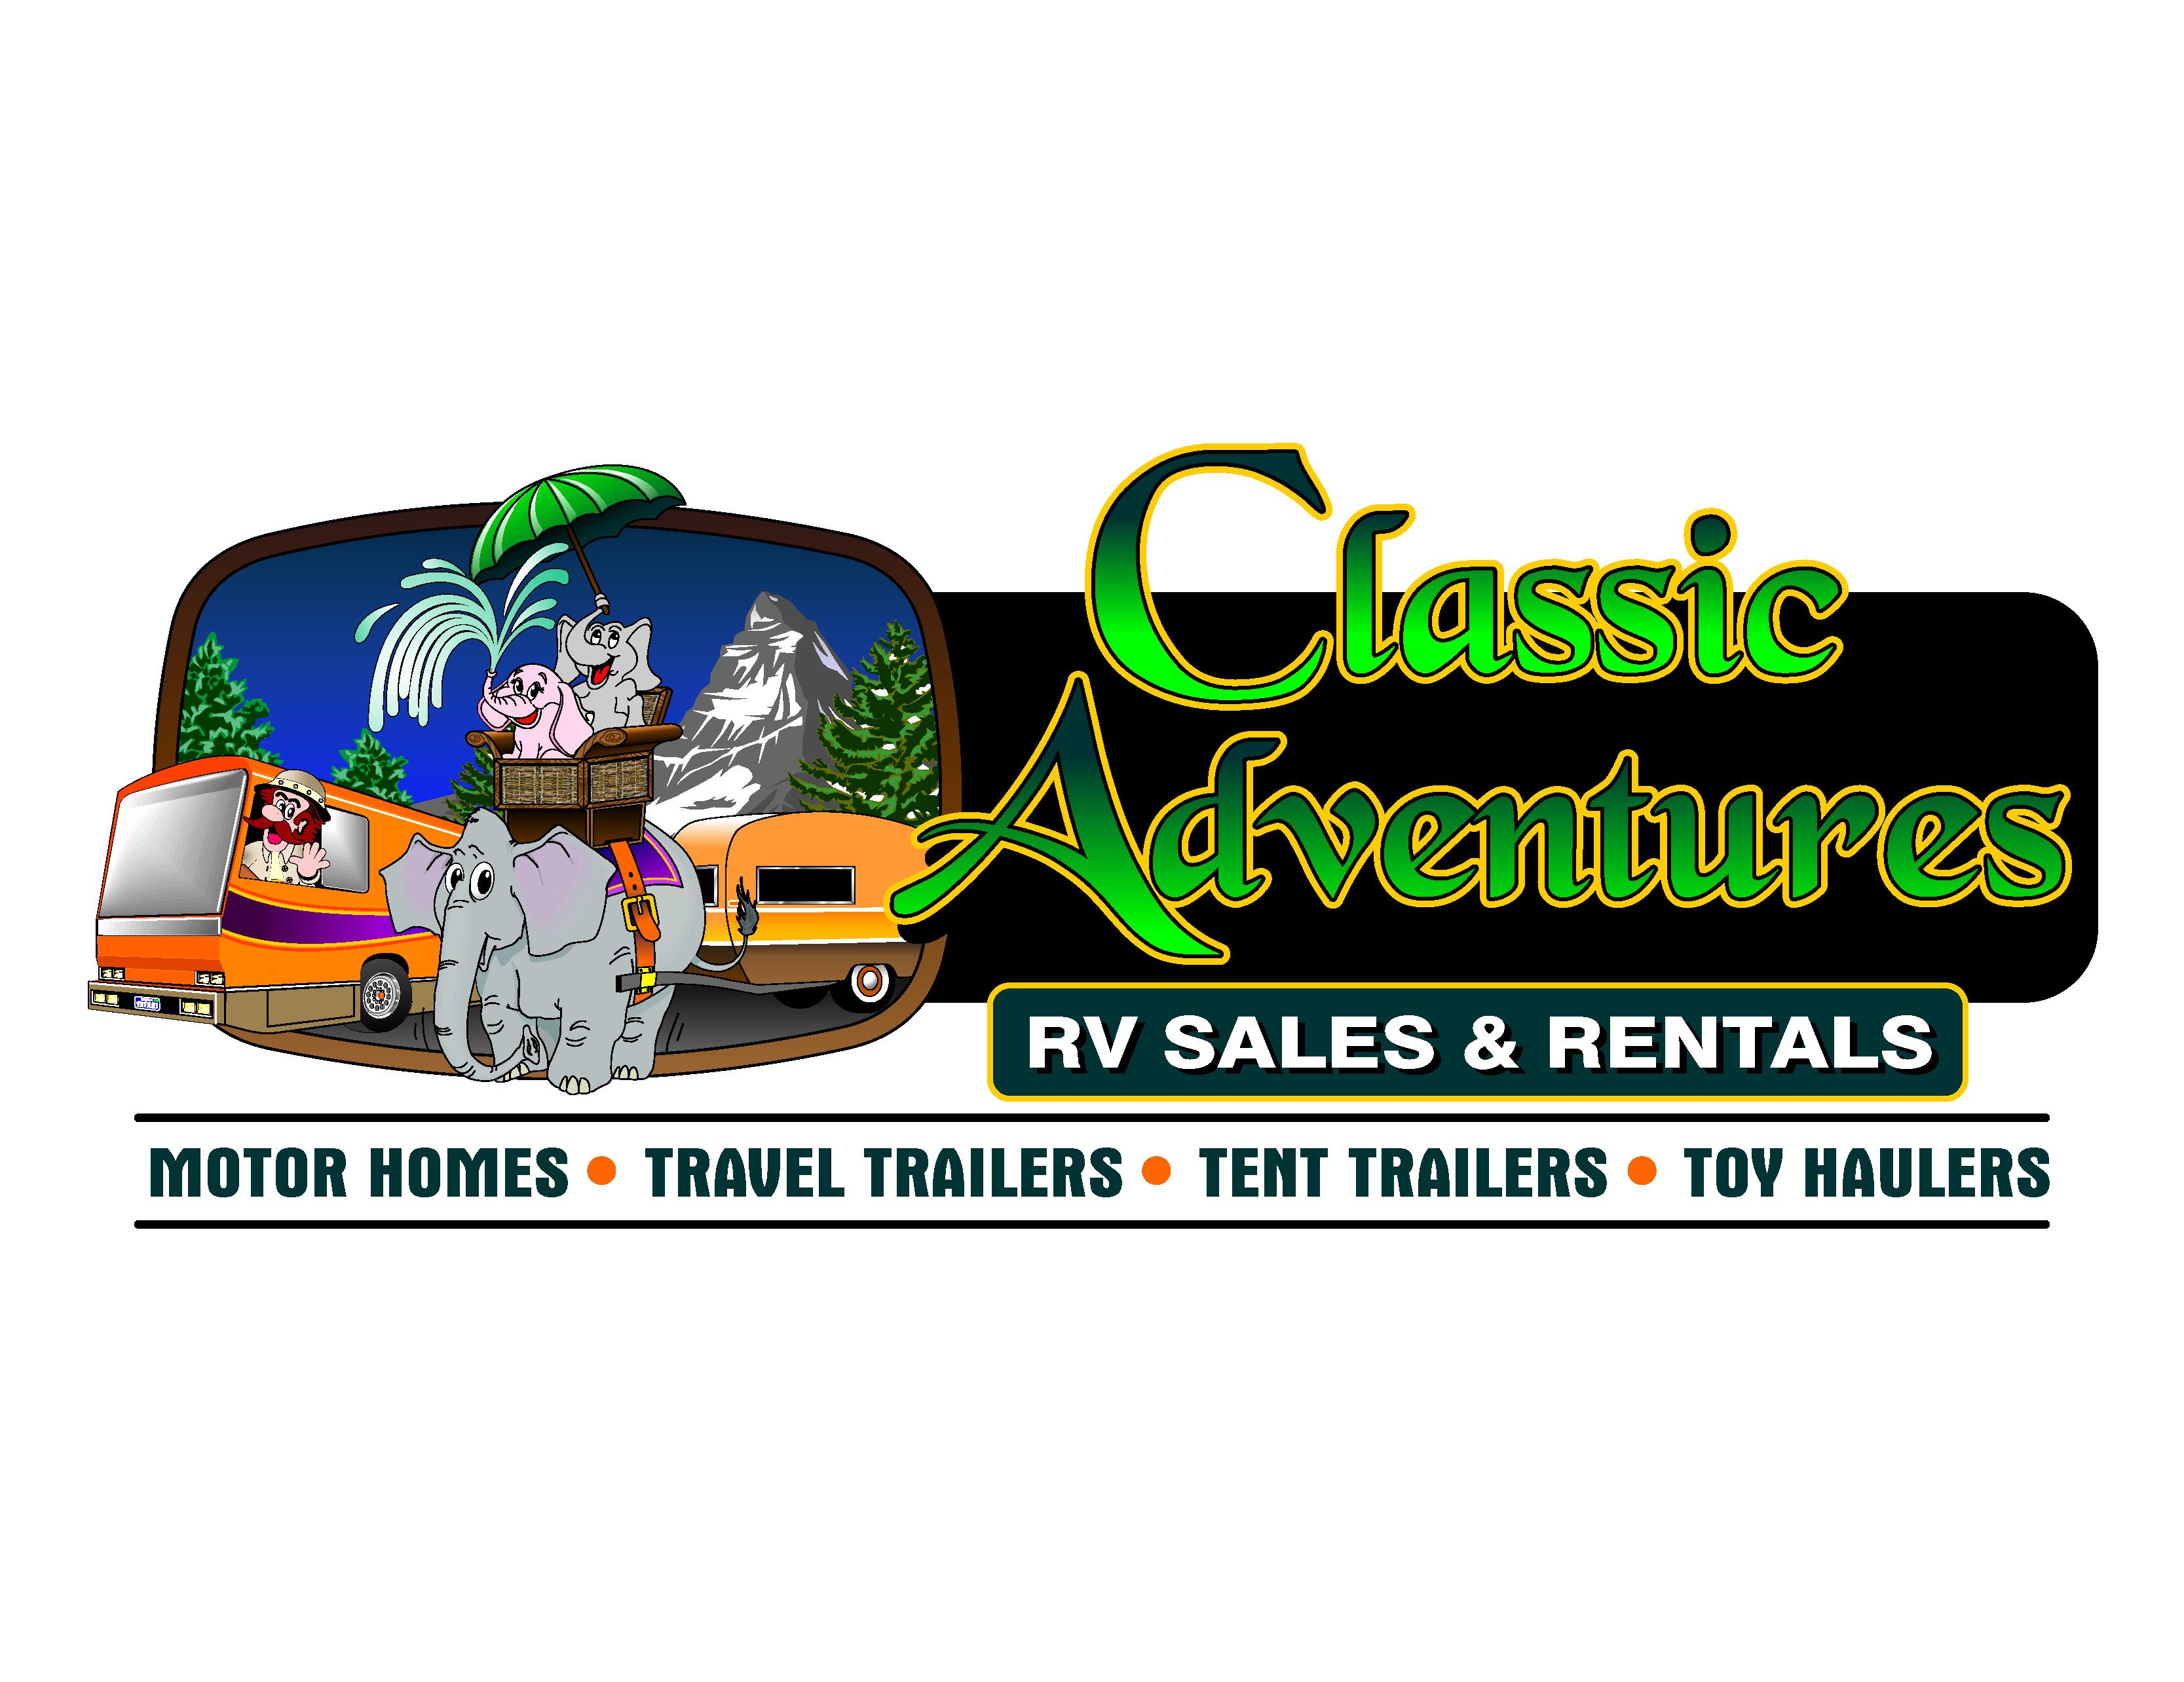 Classic Adventures RV